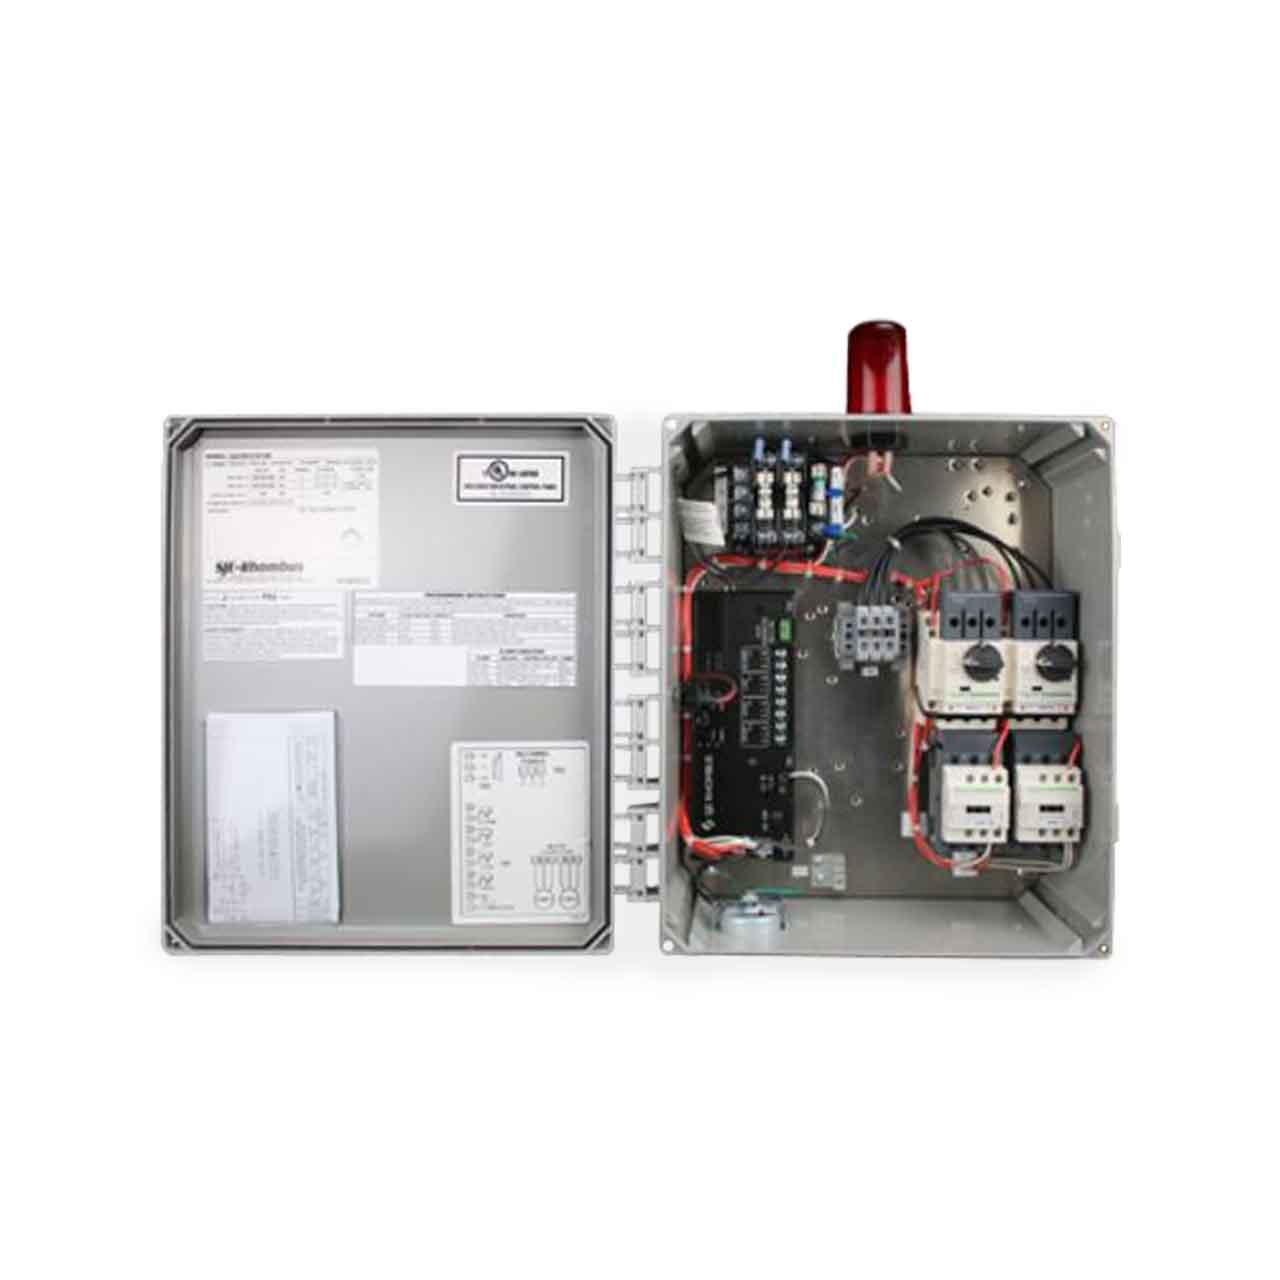 sje rhombus sje rhombus model 322 3 phase 208 240 480 600v duplex sump pump float switch diagram sje float switch wiring diagram [ 1280 x 1280 Pixel ]